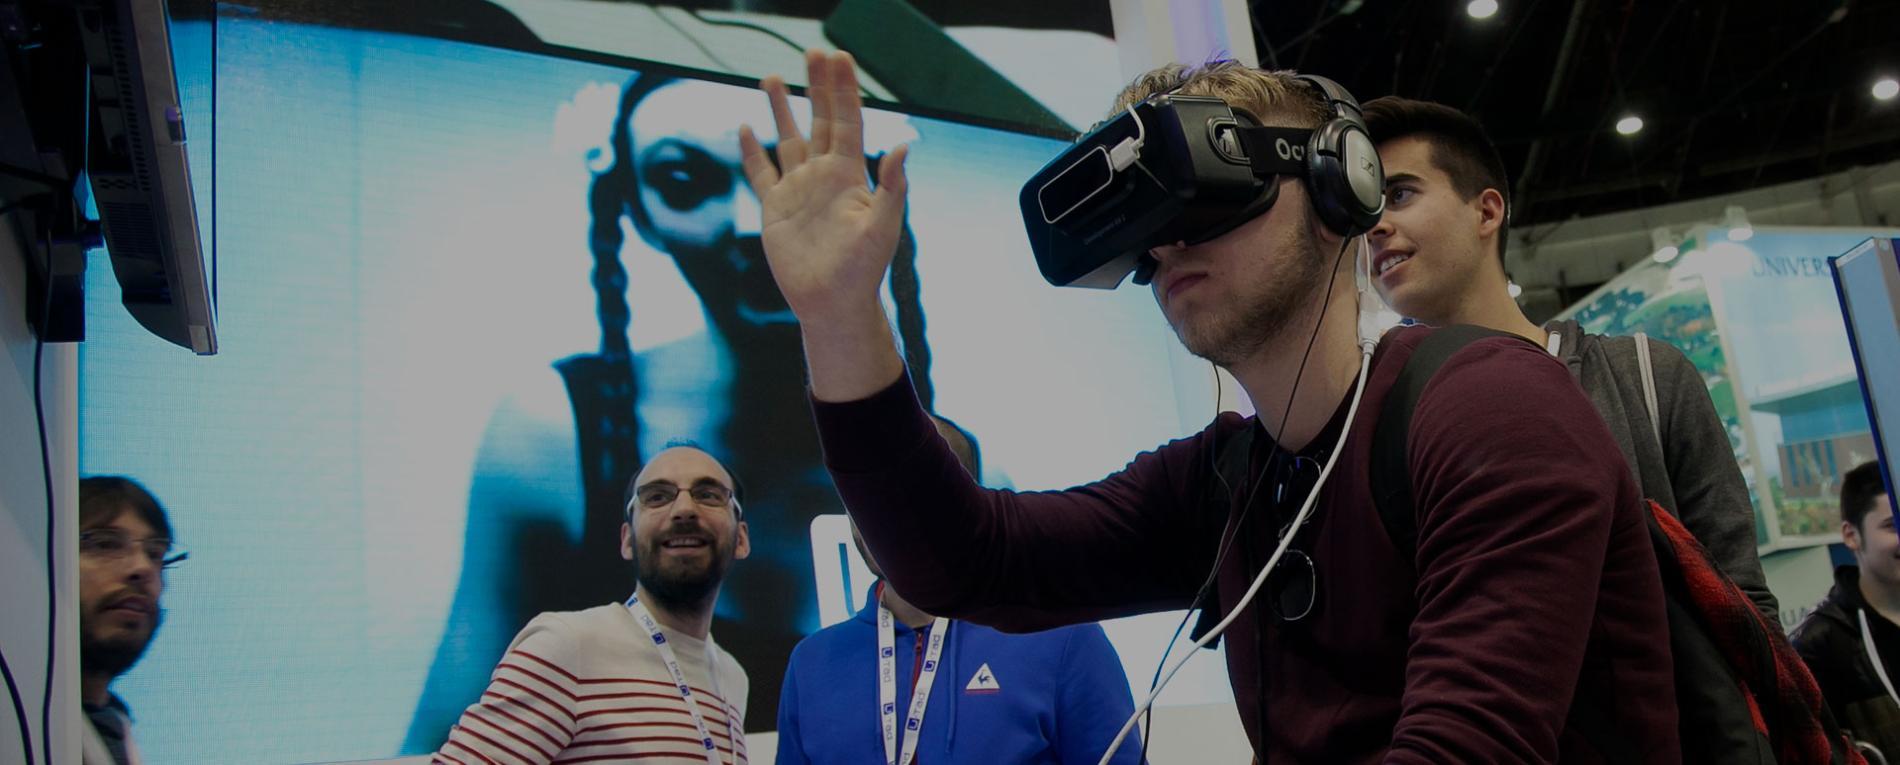 niño probando gafas de realidad virtual